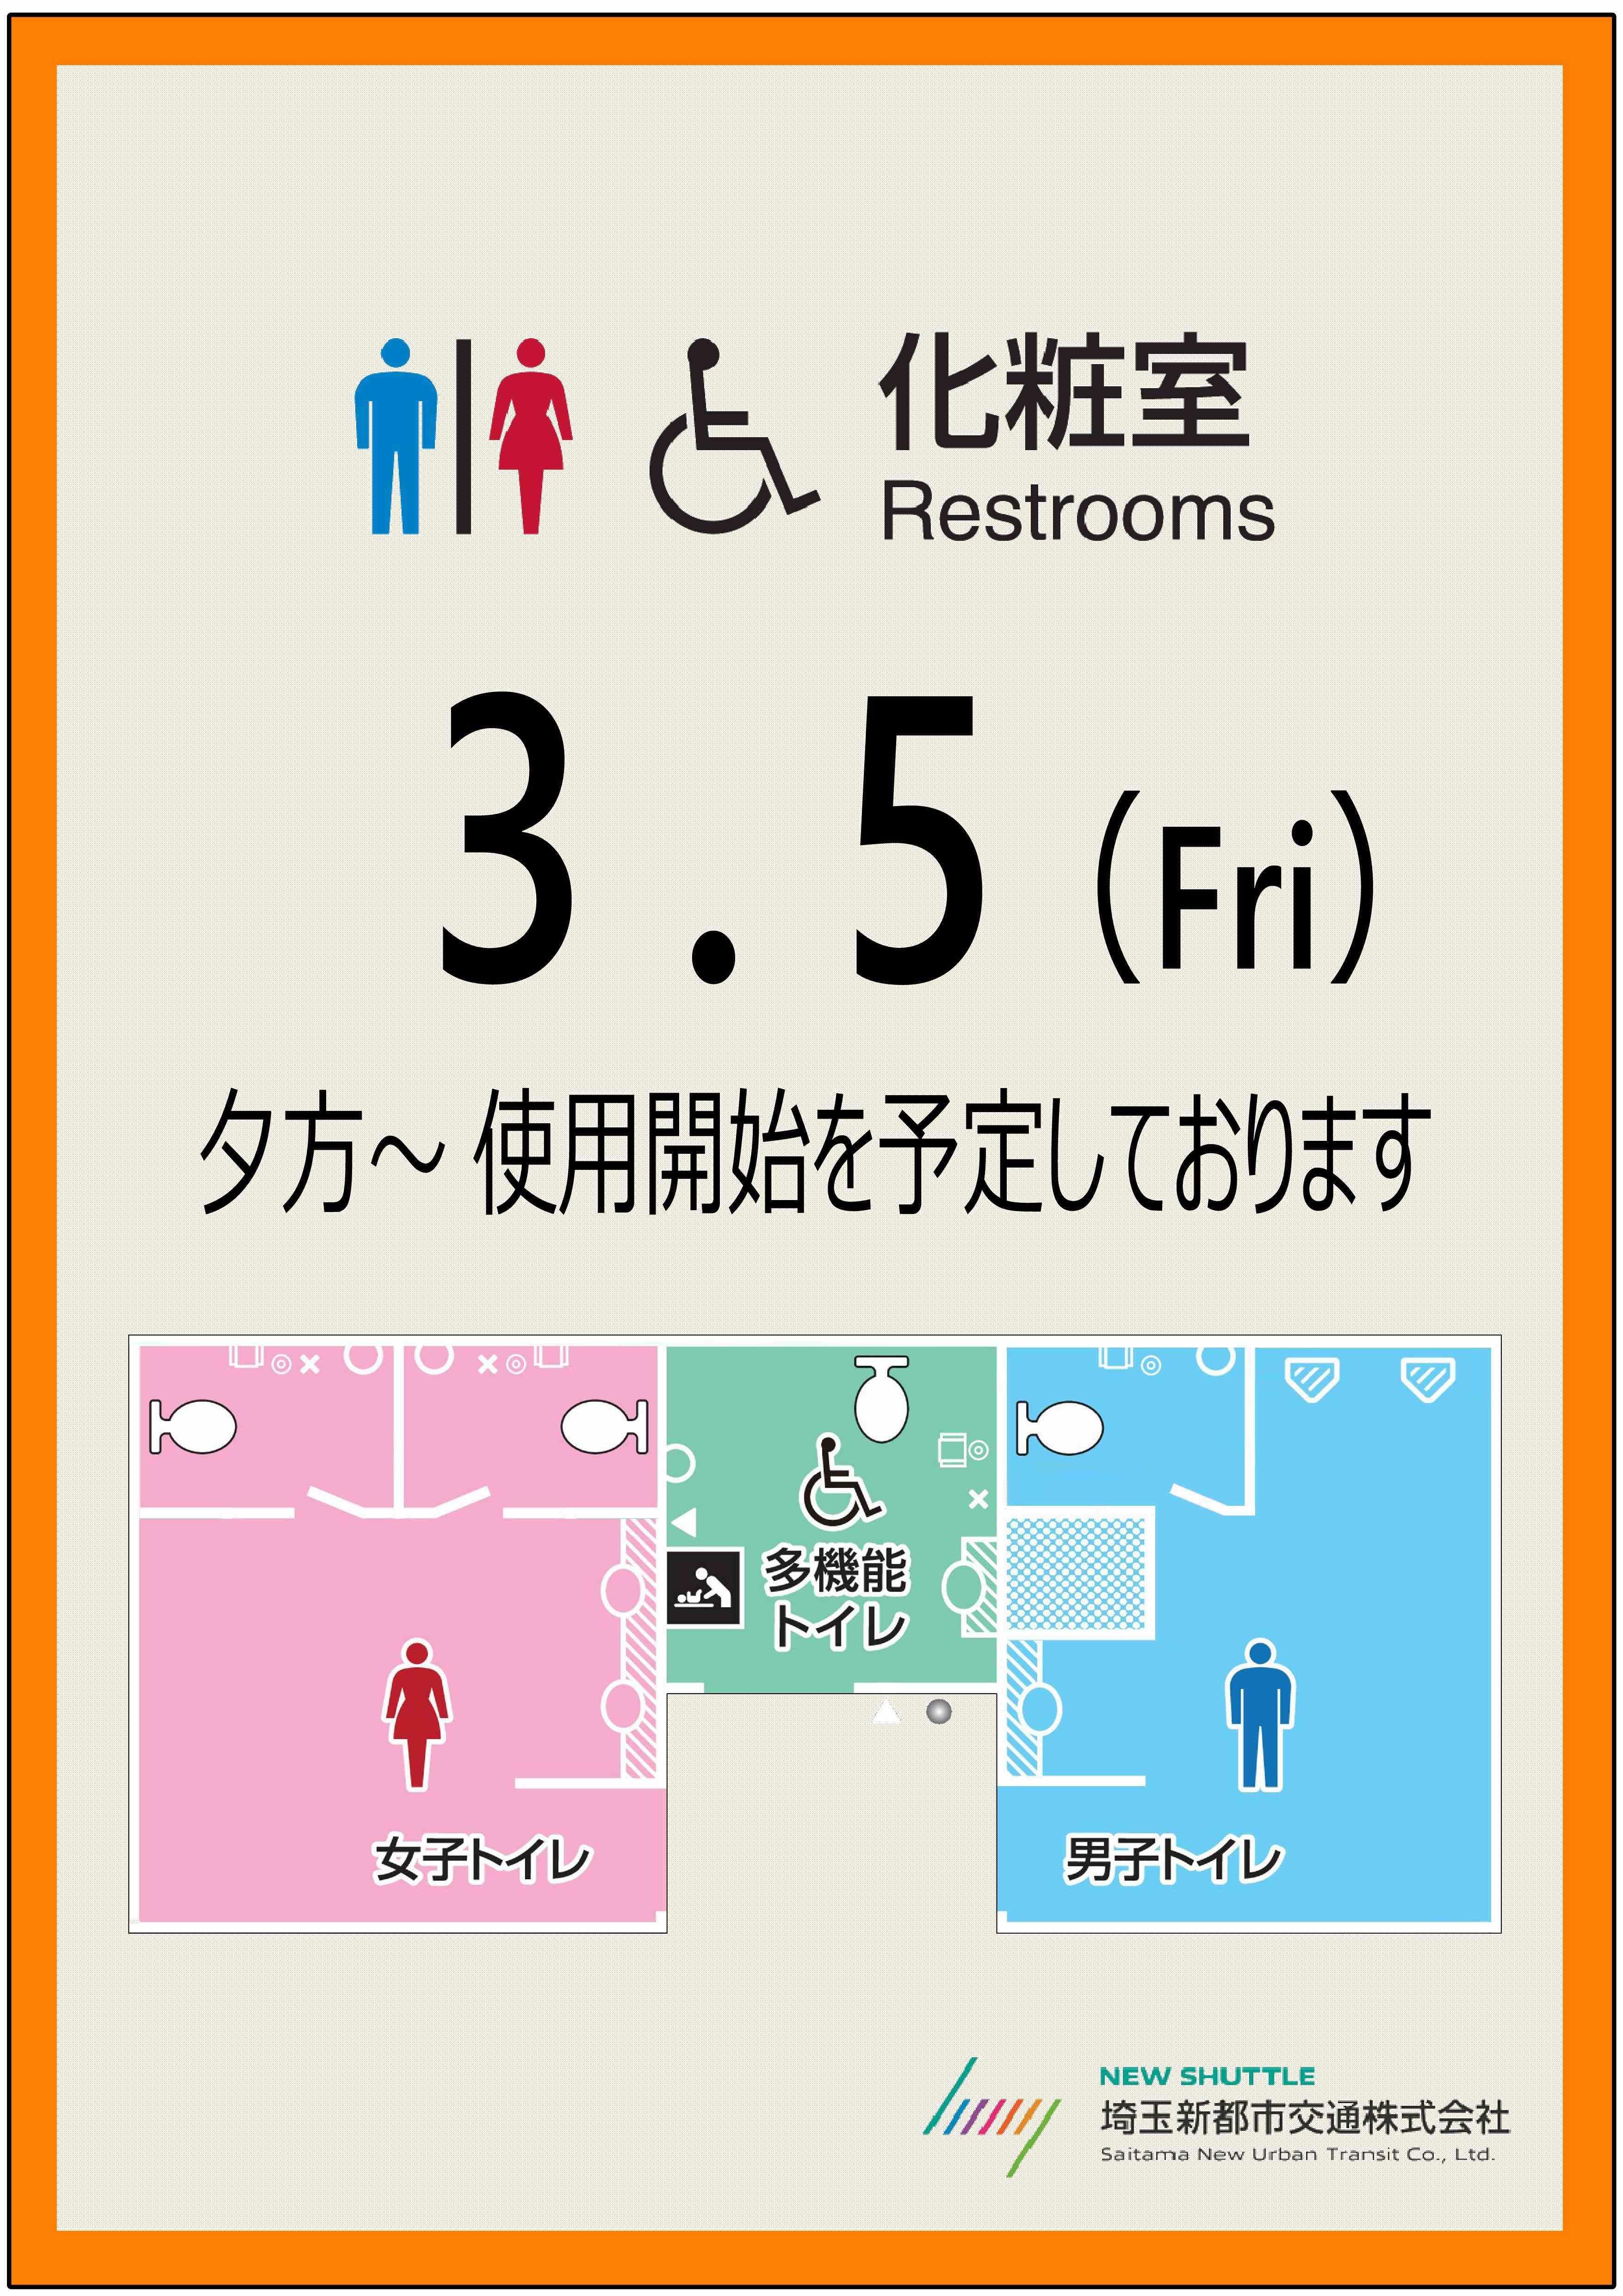 20210301ミハトイレ-resize.jpg